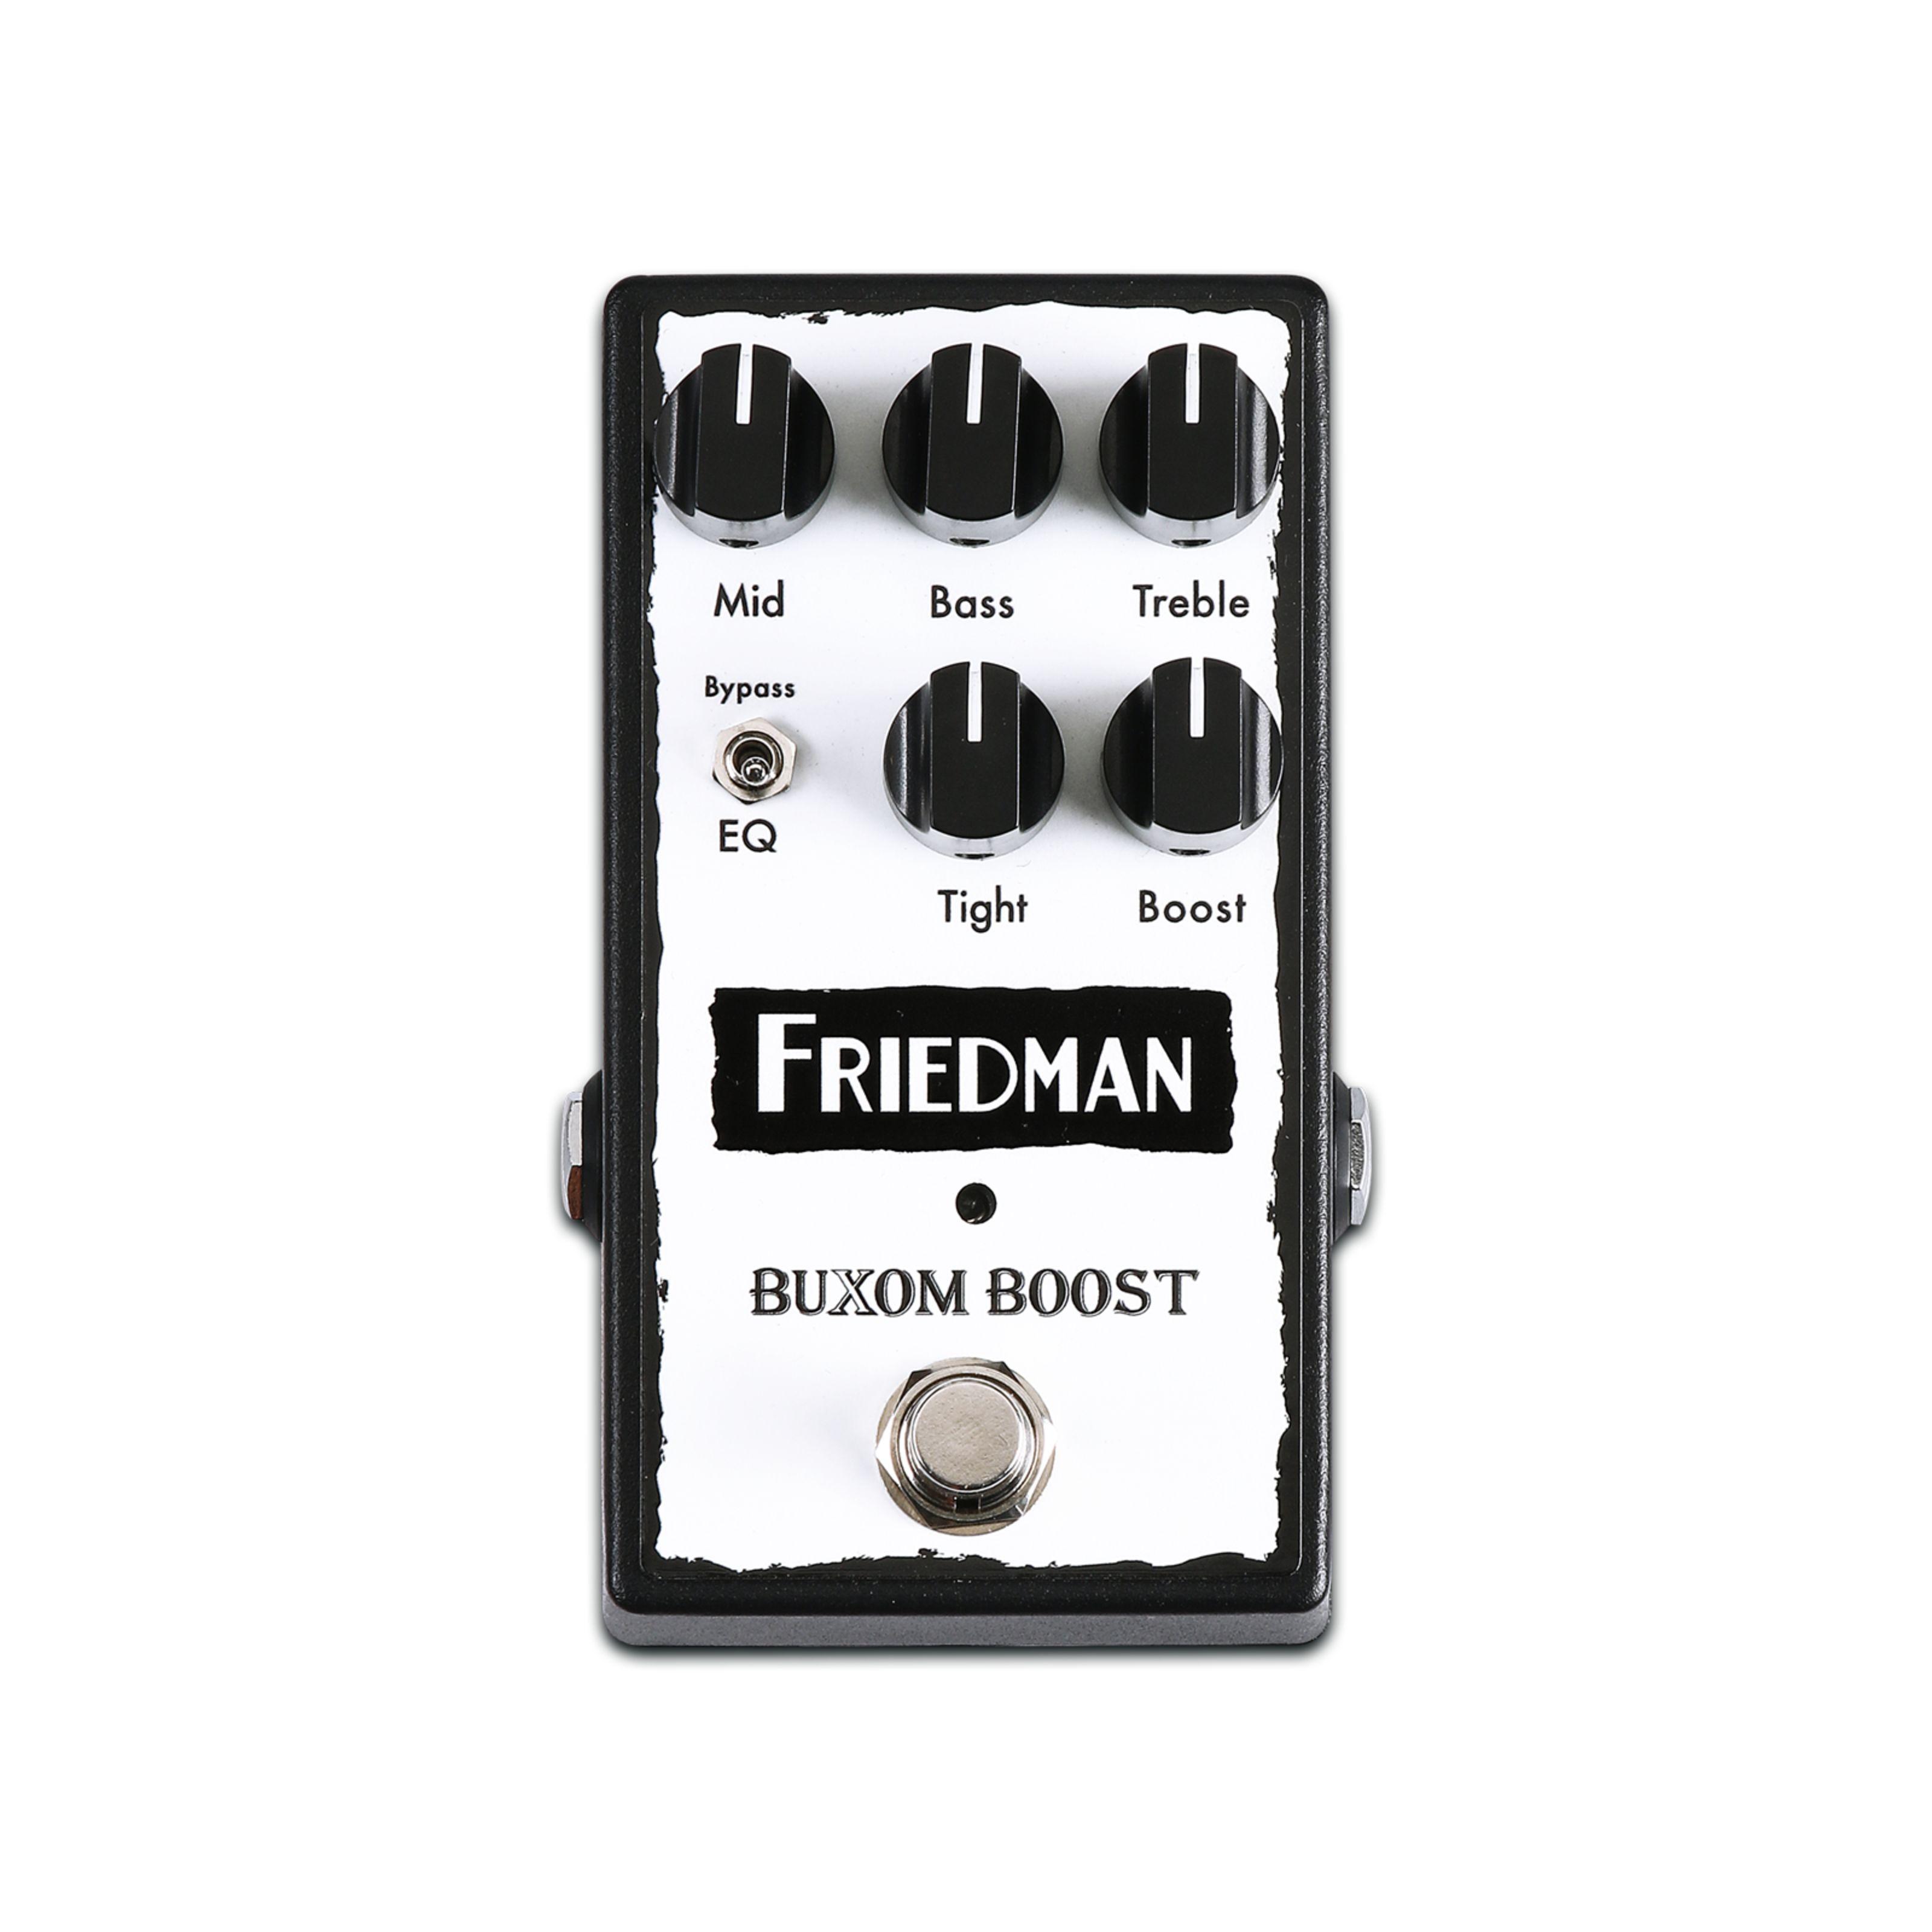 Friedman - Buxom Boost